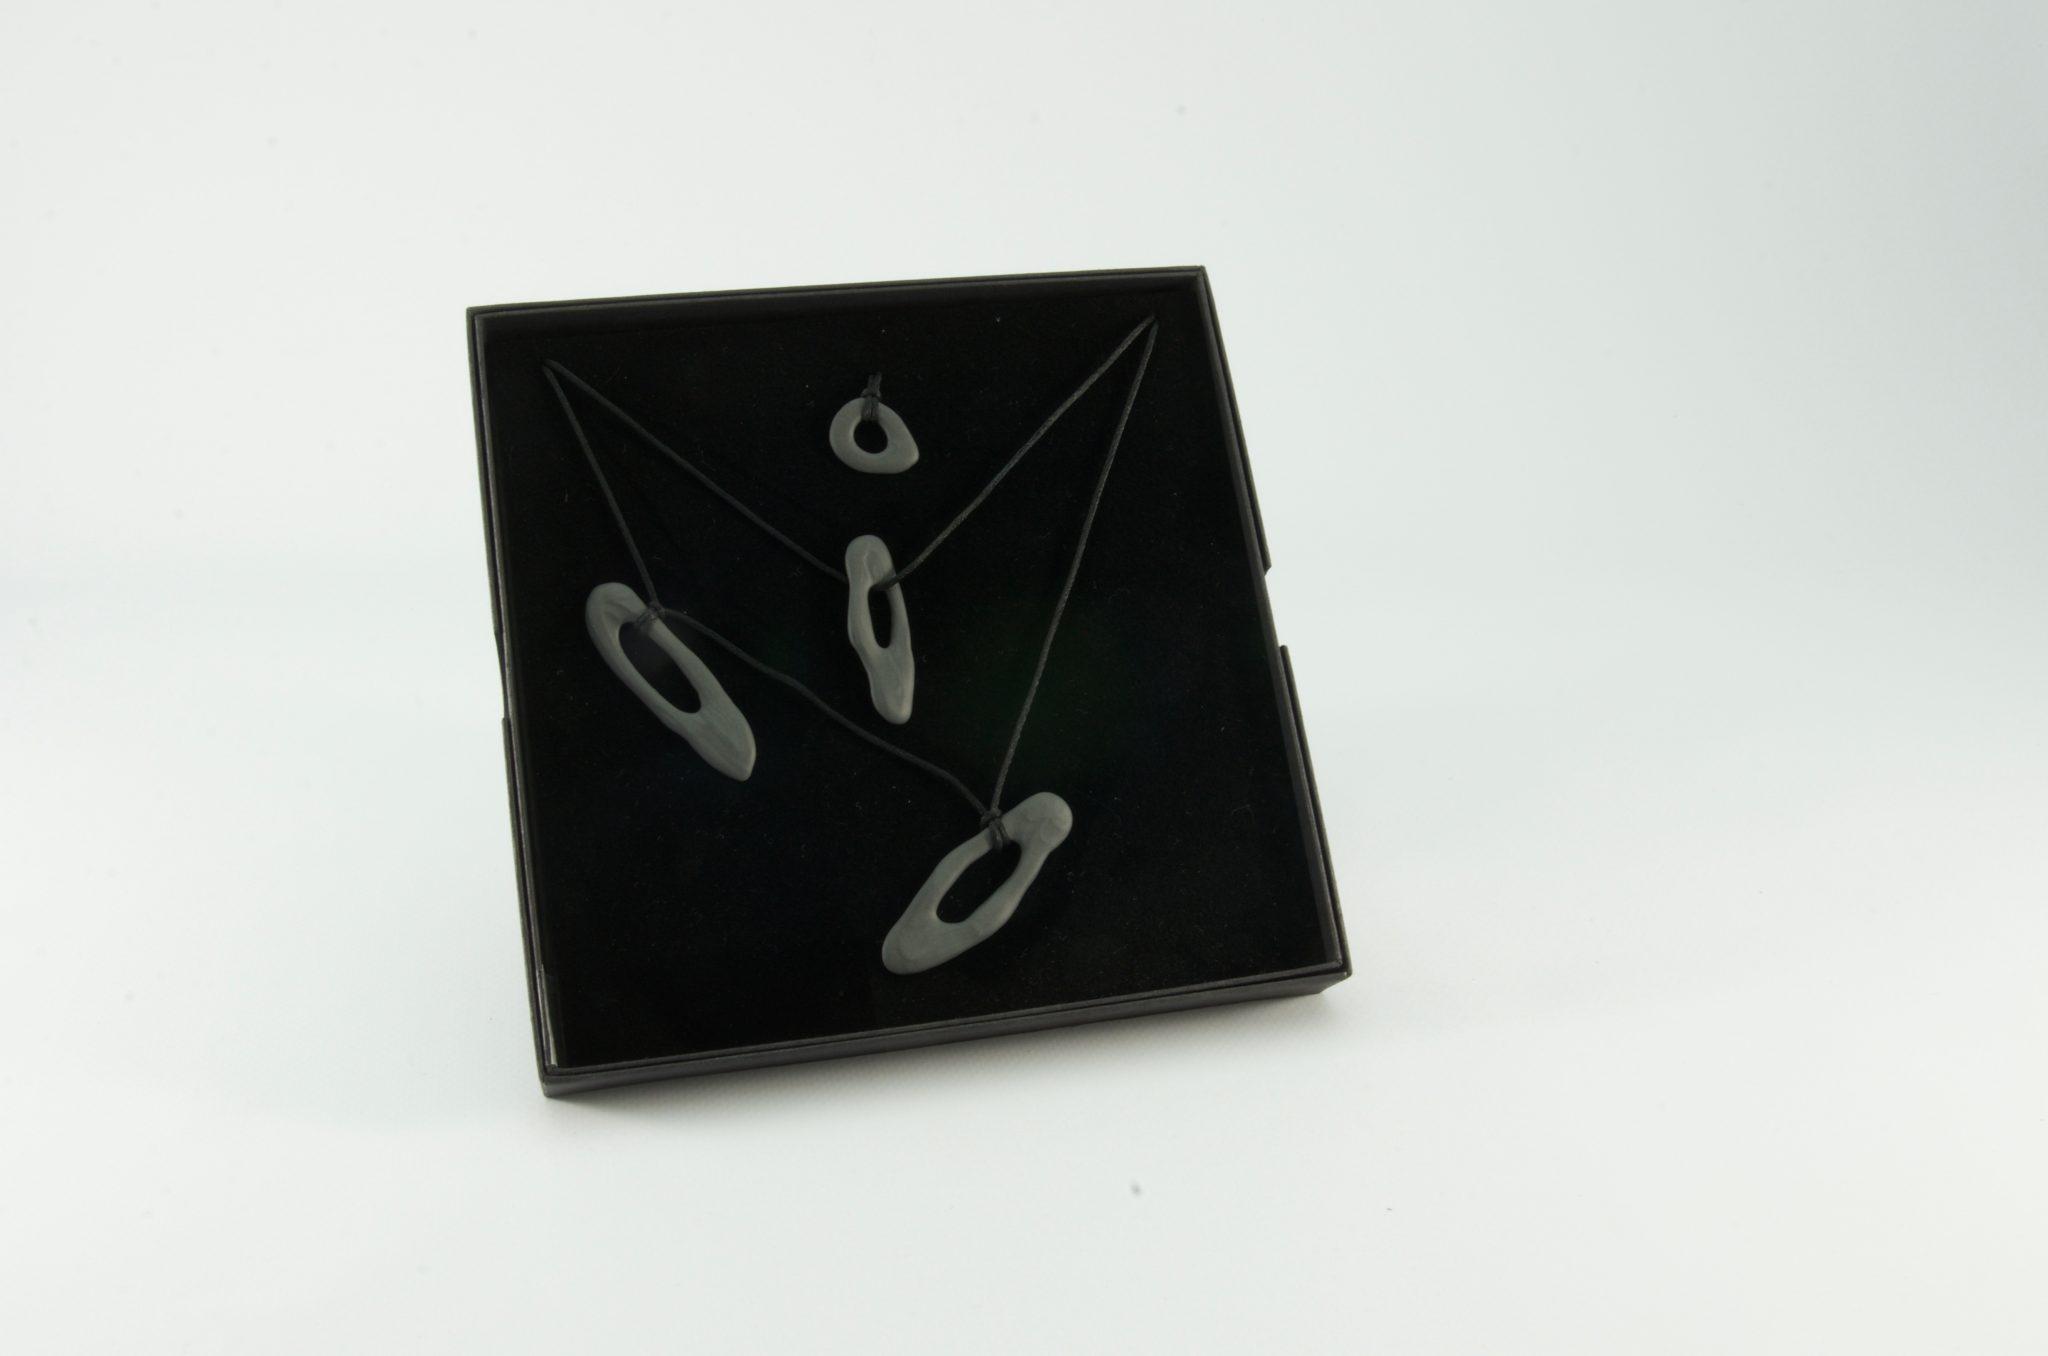 Image AL!X necklace